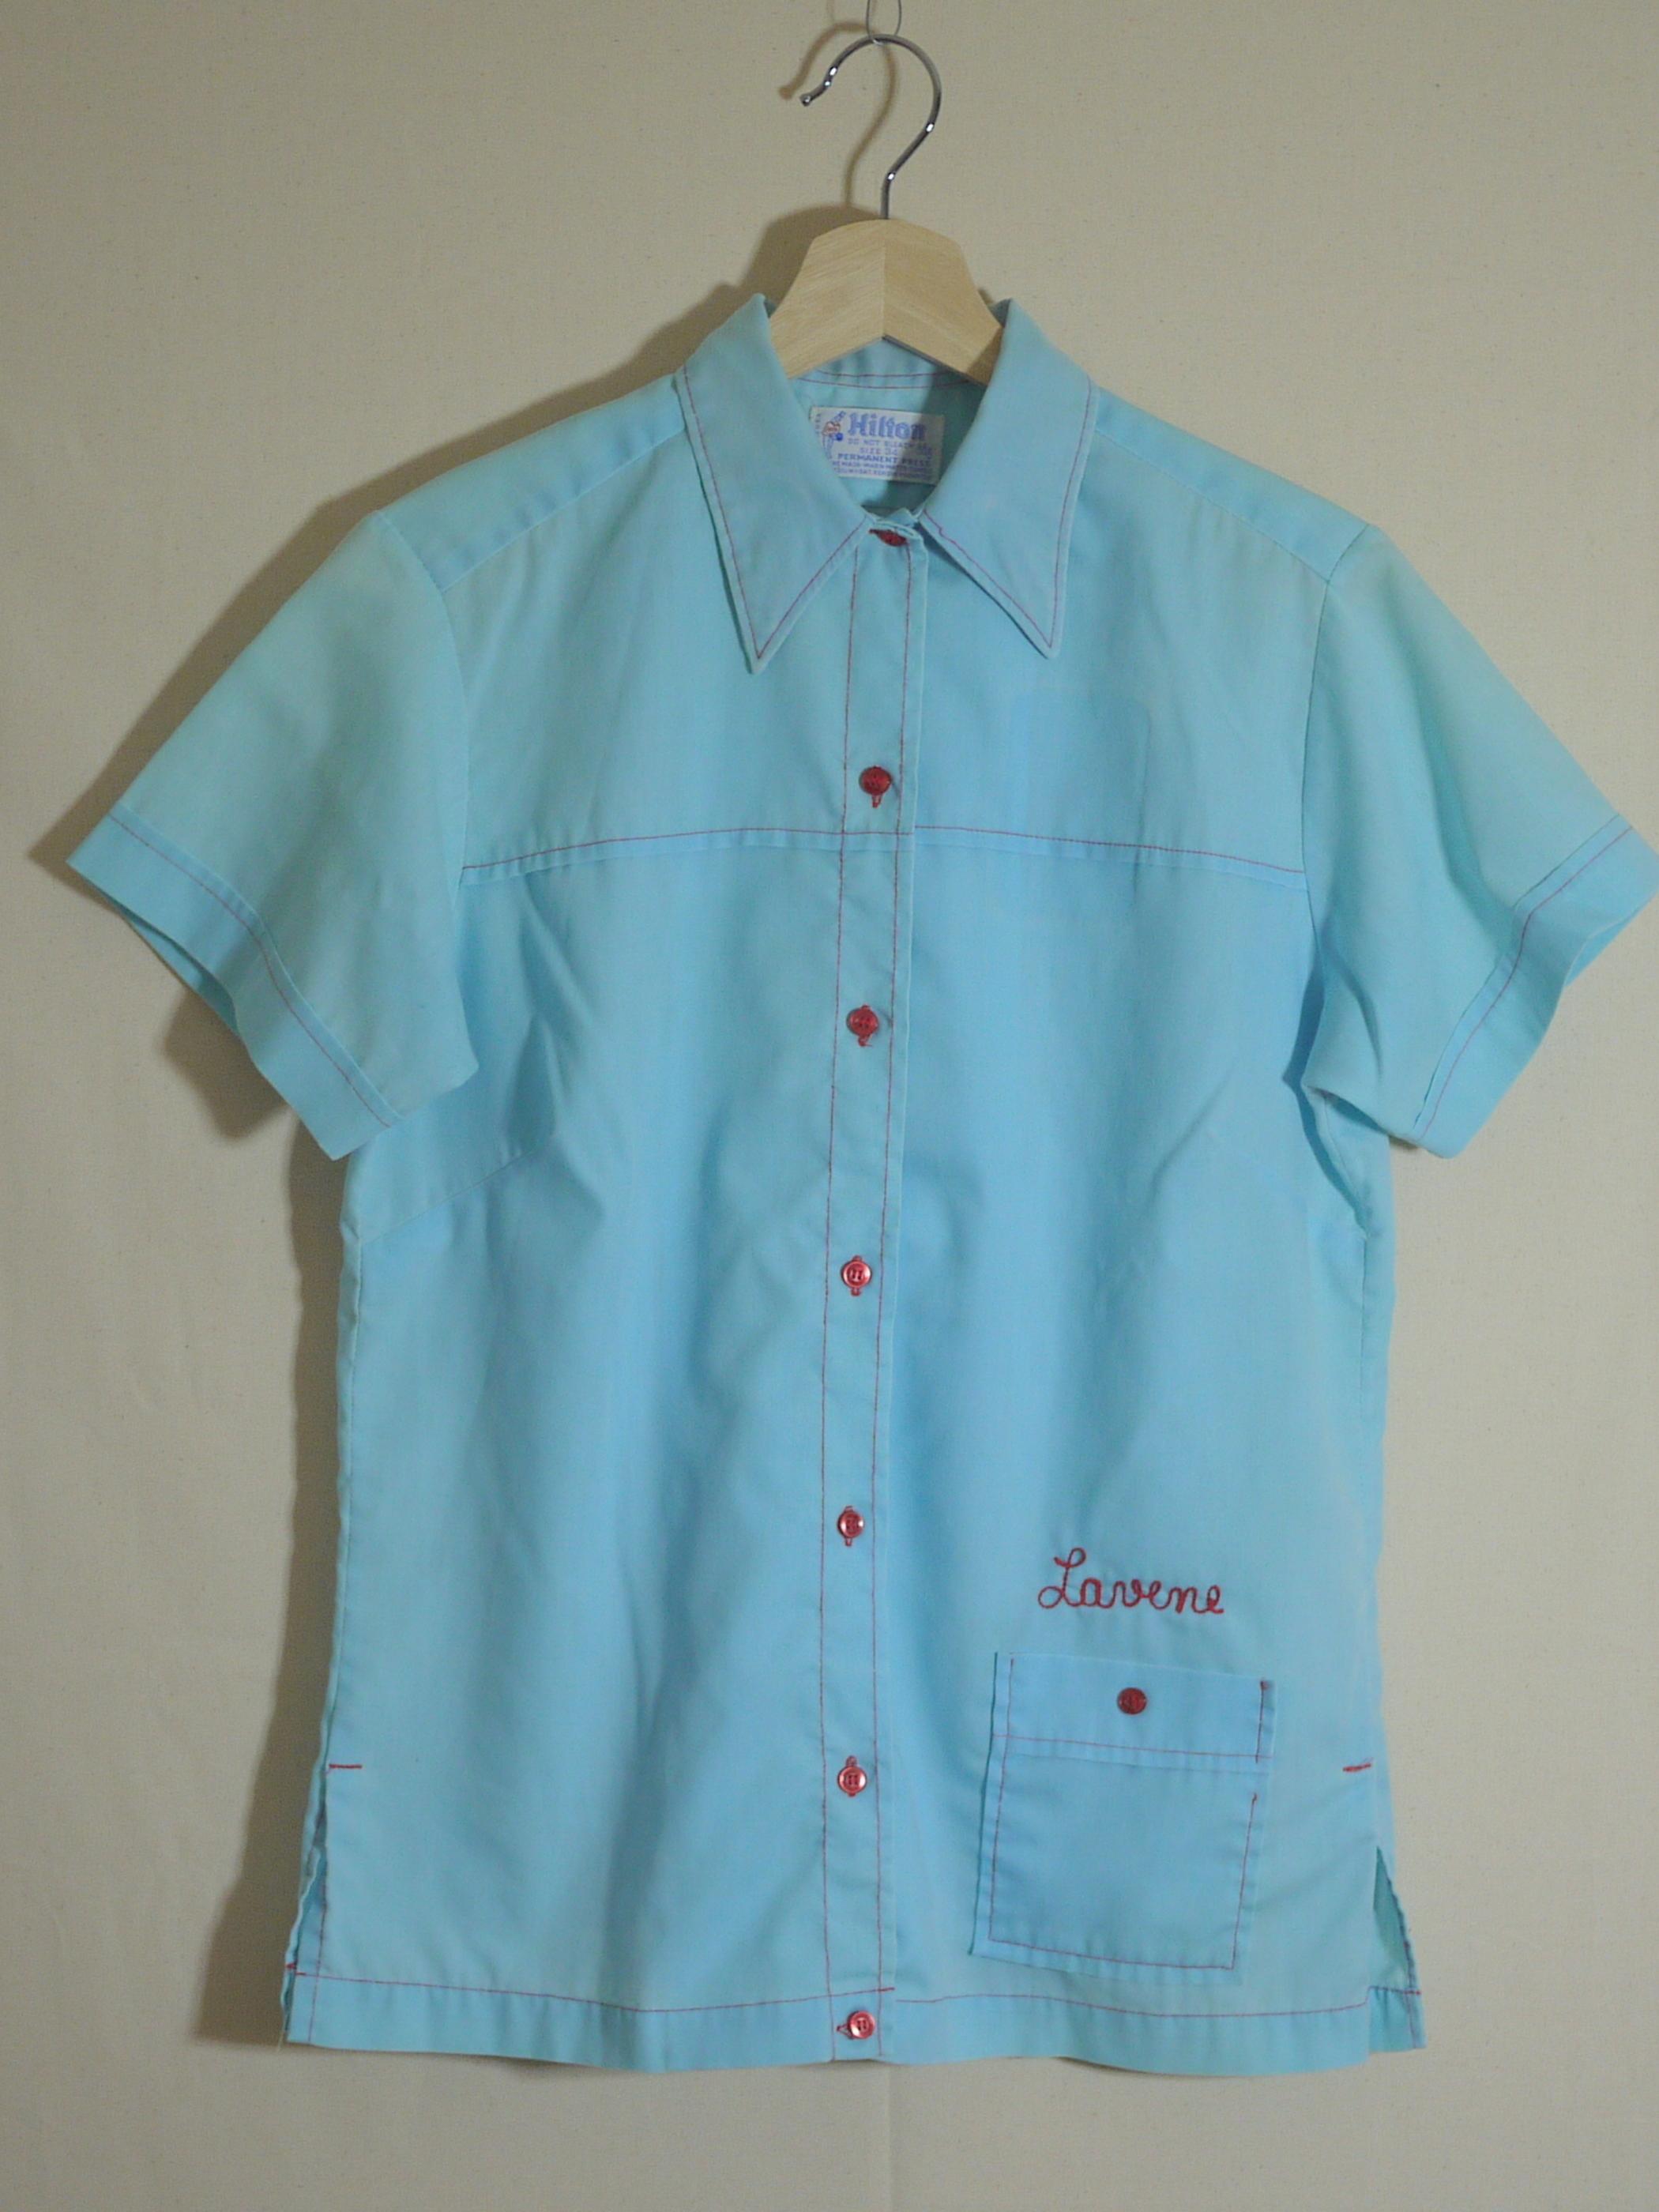 Hilton 1970's Bowling shirt Size34